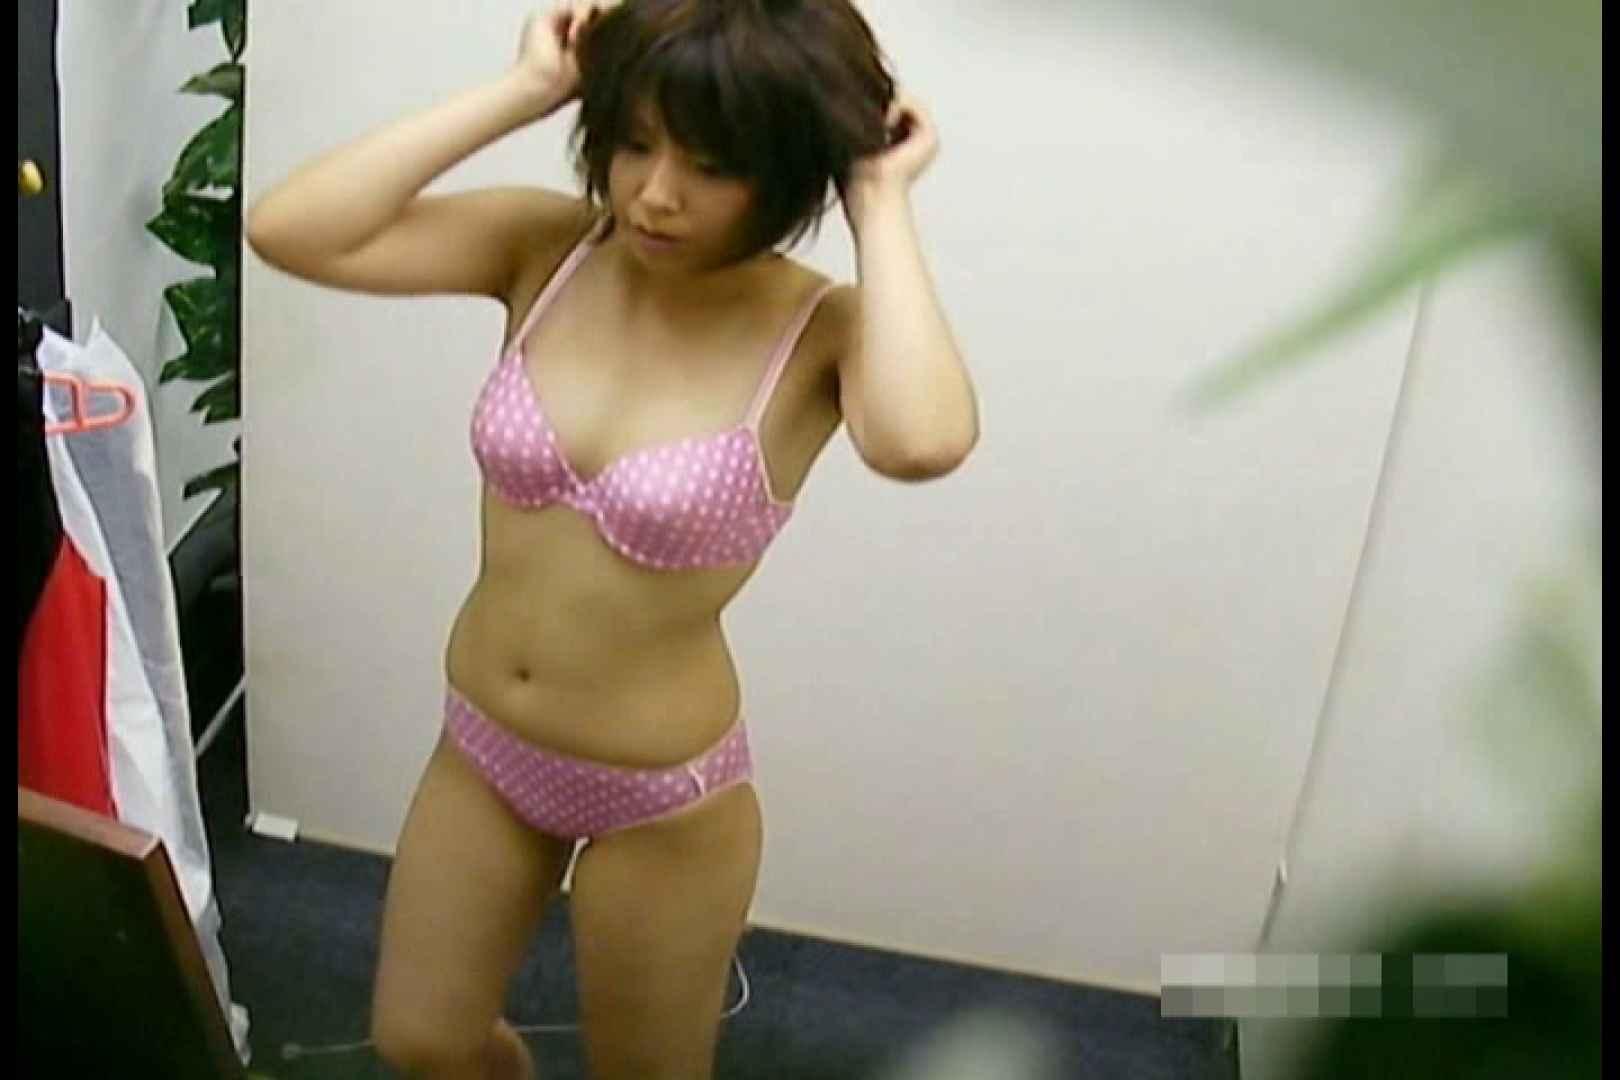 素人撮影 下着だけの撮影のはずが・・・エミちゃん18歳 盗撮   ギャル達のオマンコ  55画像 36